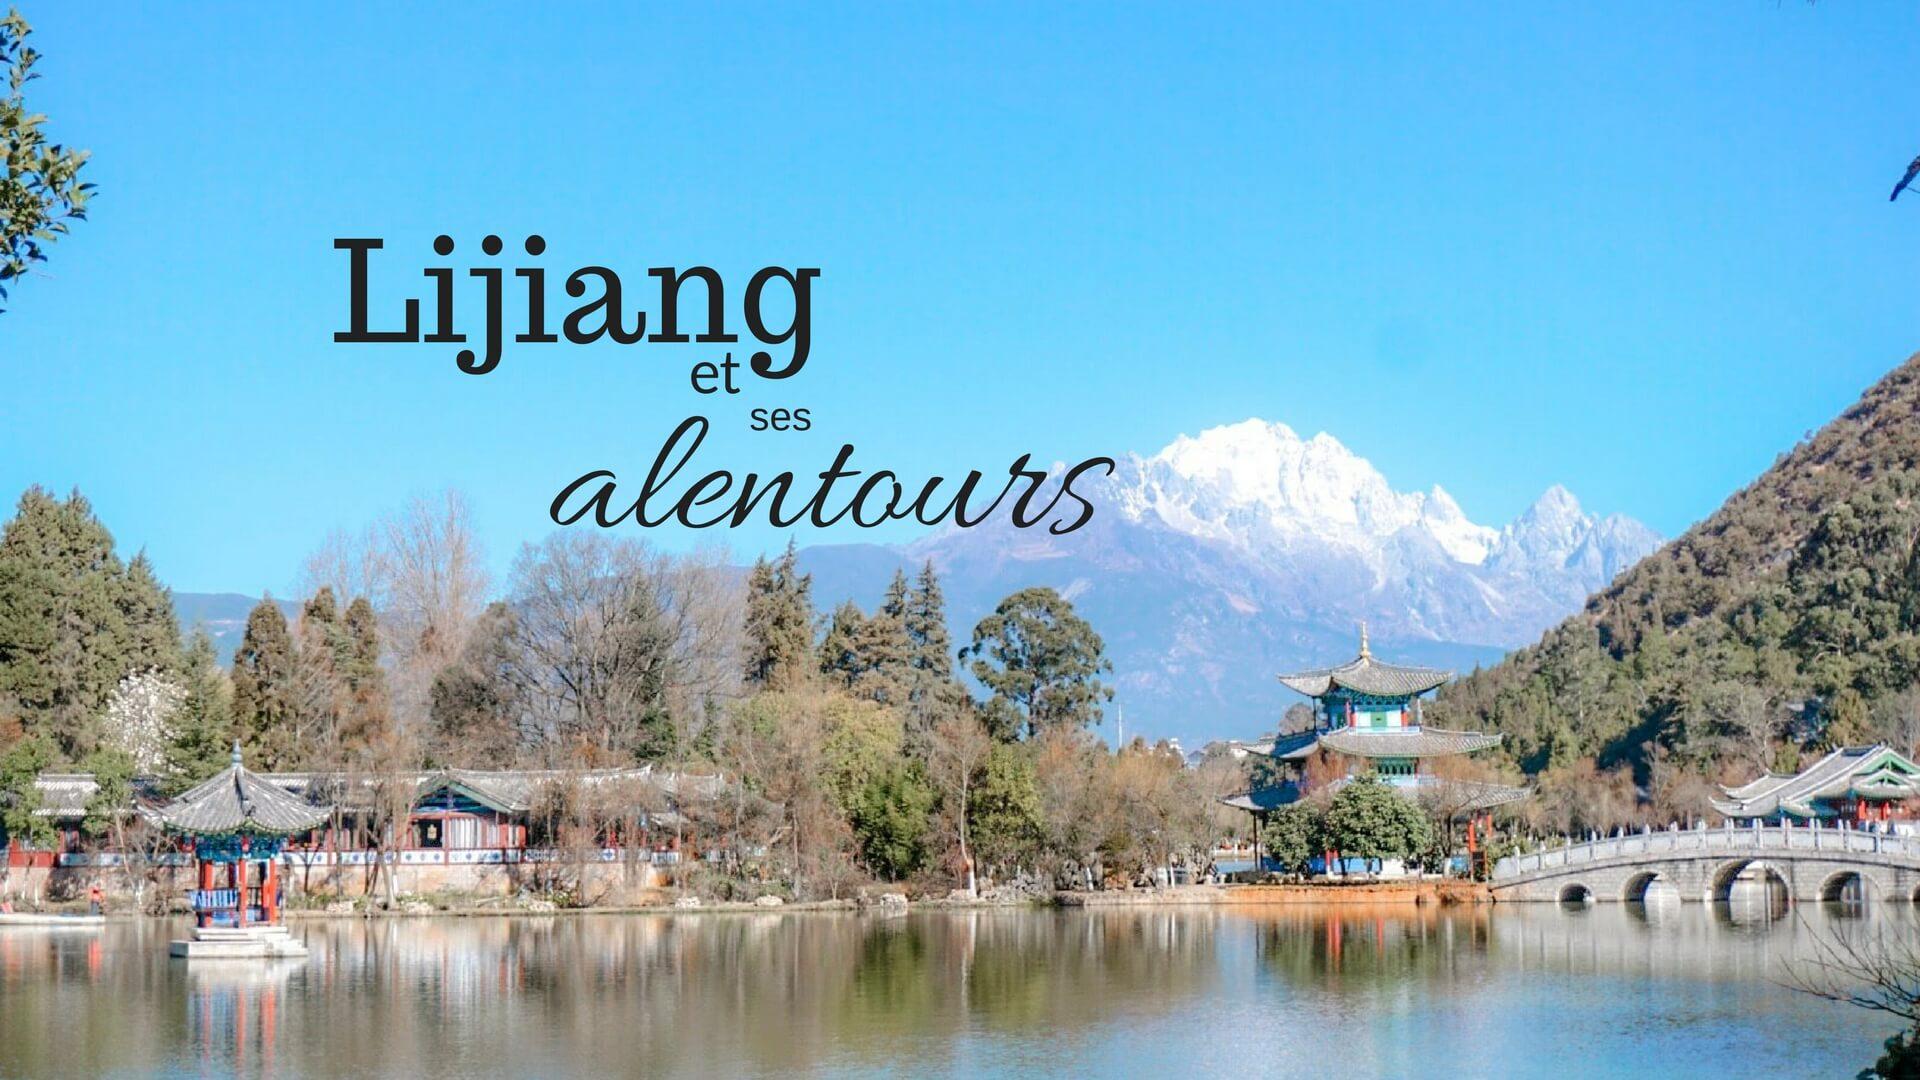 Quoi faire à Lijiang et alentours chine blog voyages